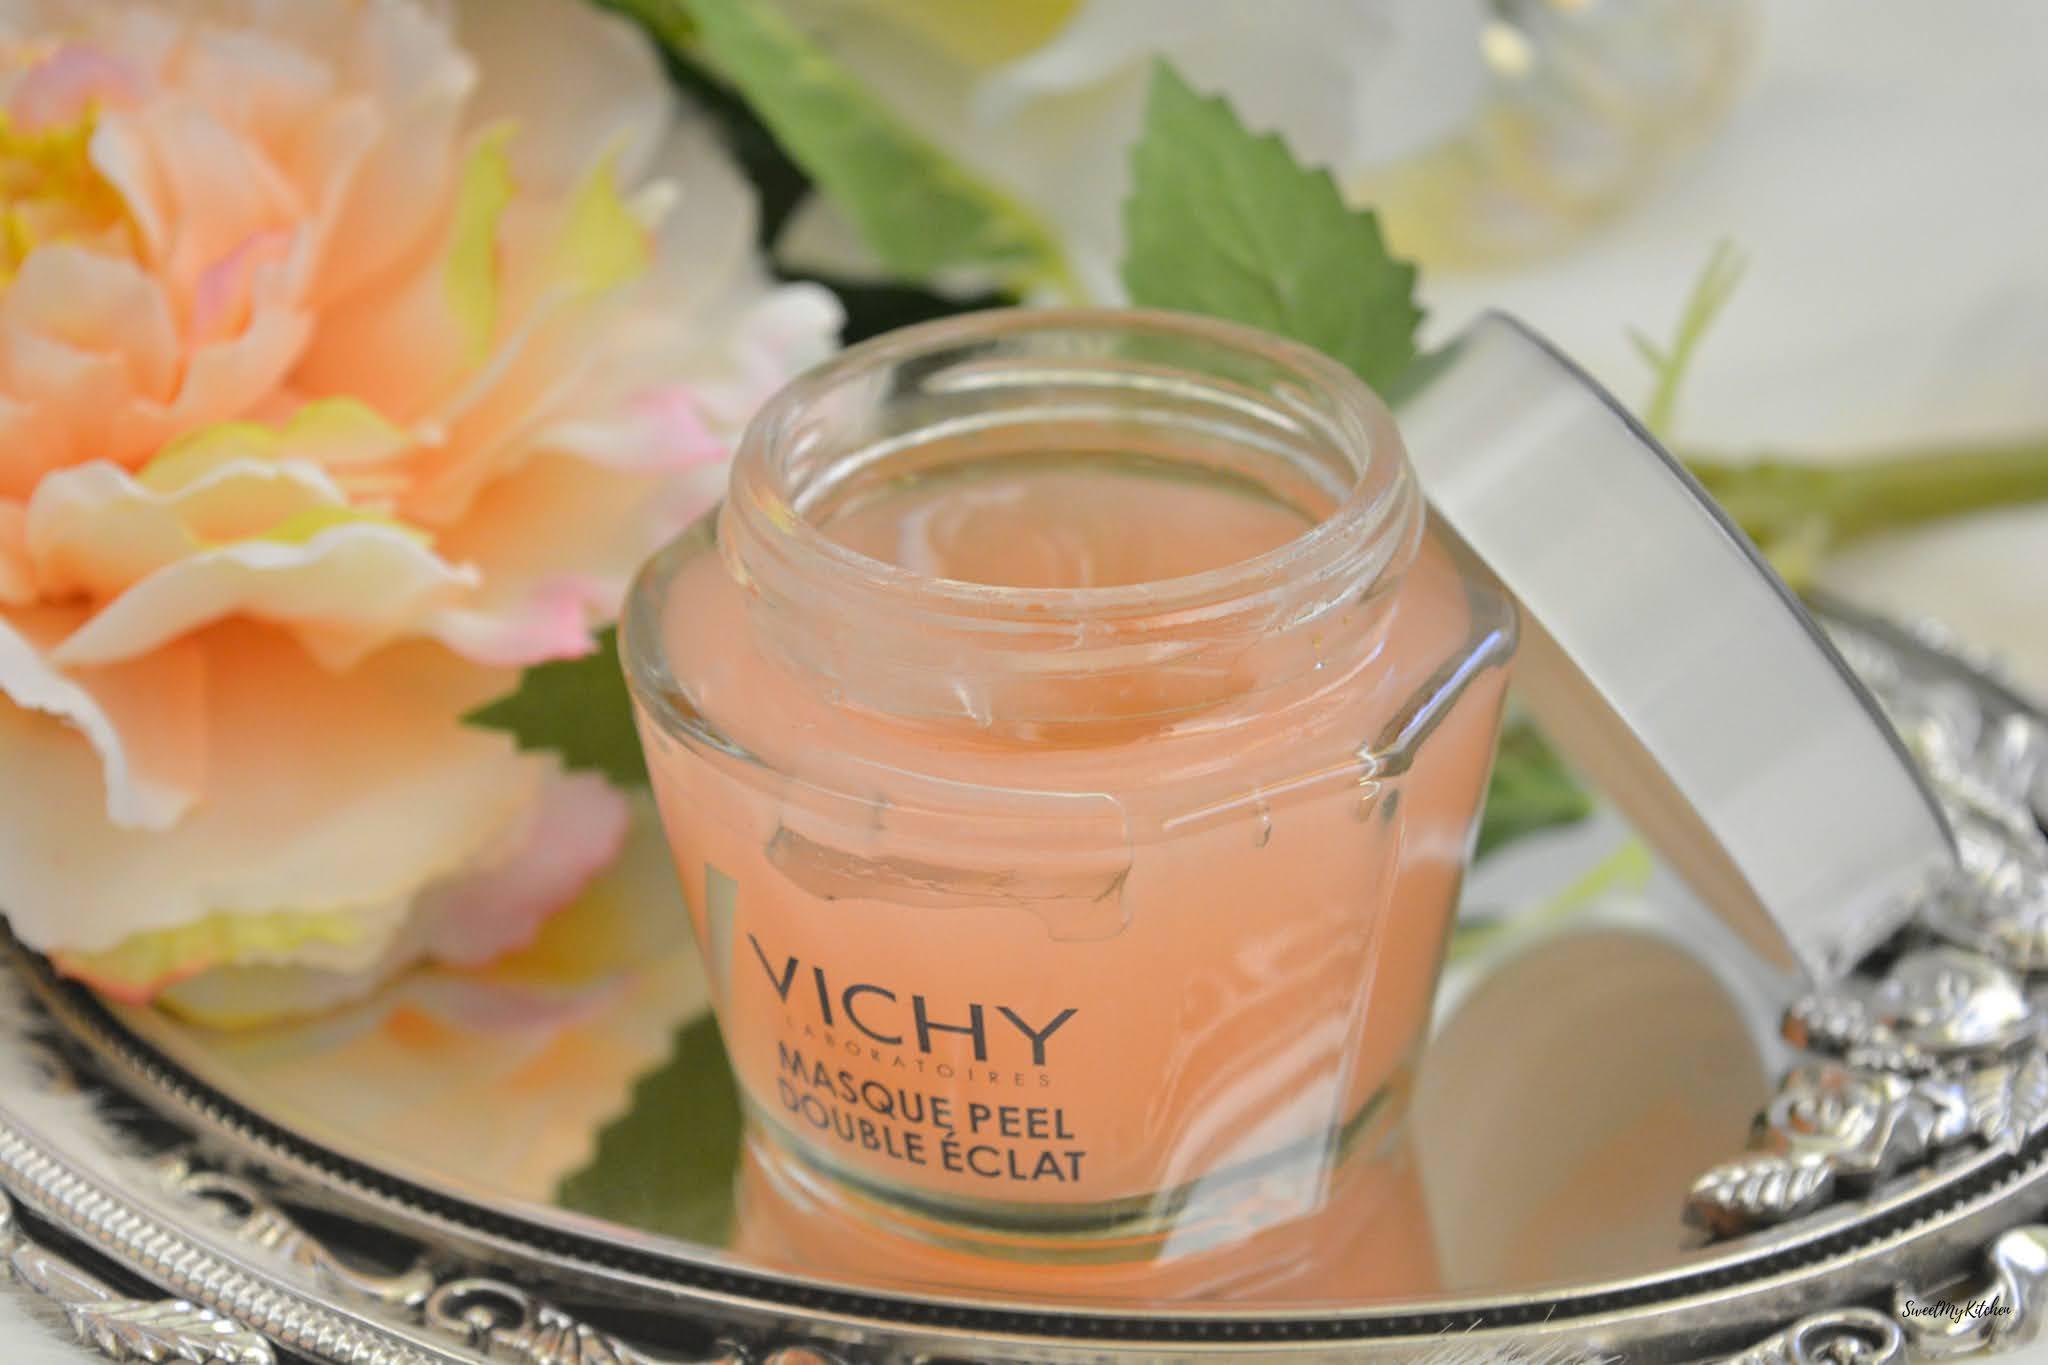 Vichy Masque Peel Double Éclat review